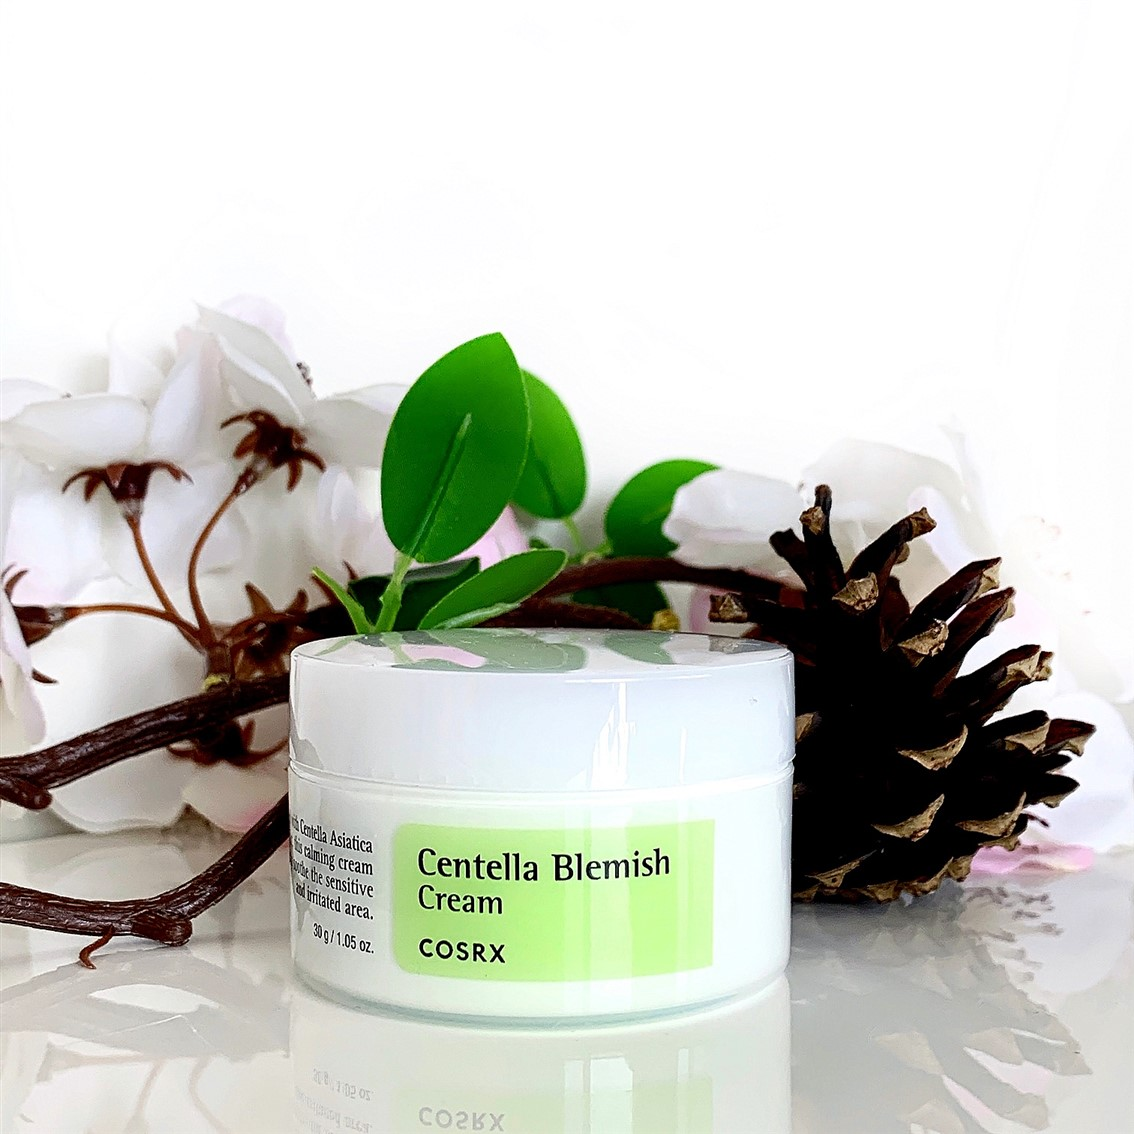 COSRX Centella Blemish Cream blog